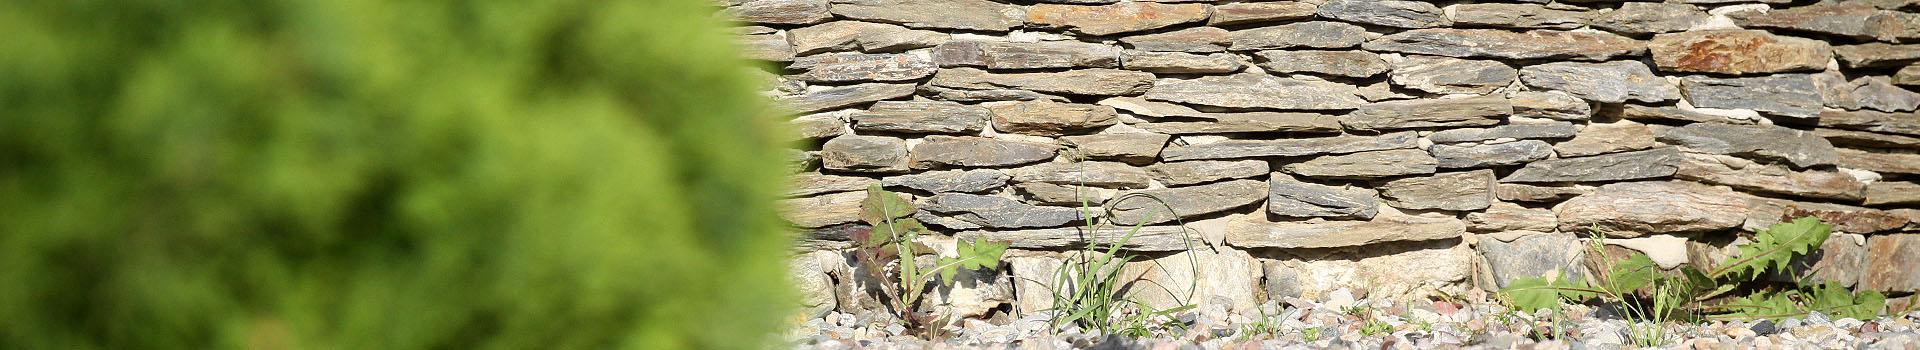 Kamień ogrodowy i elewacyjny